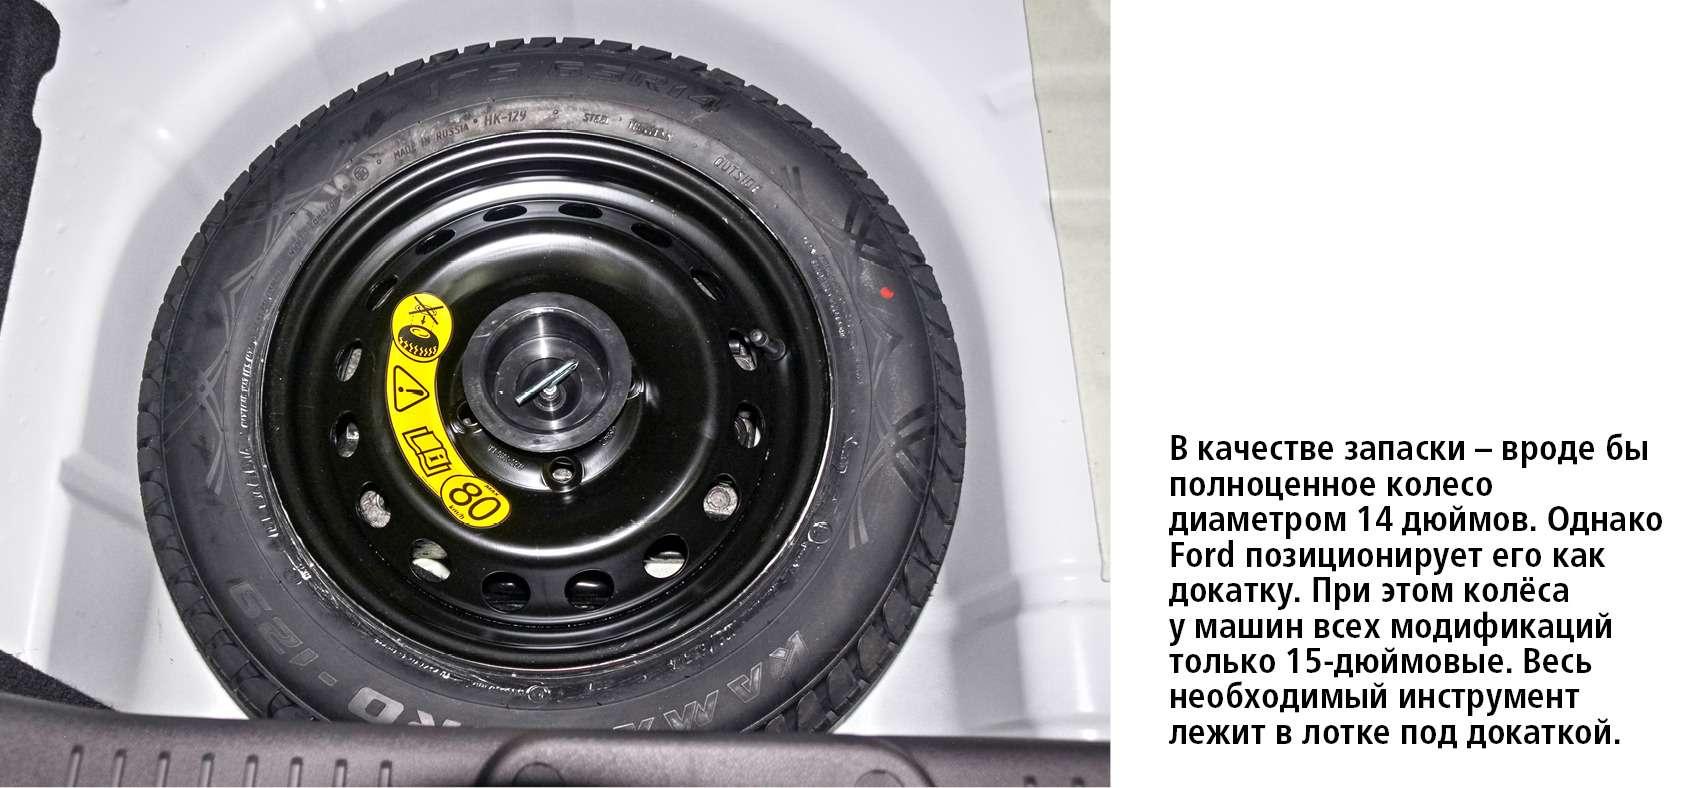 Ford Fiesta: проверка наремонтопригодность— фото 610318